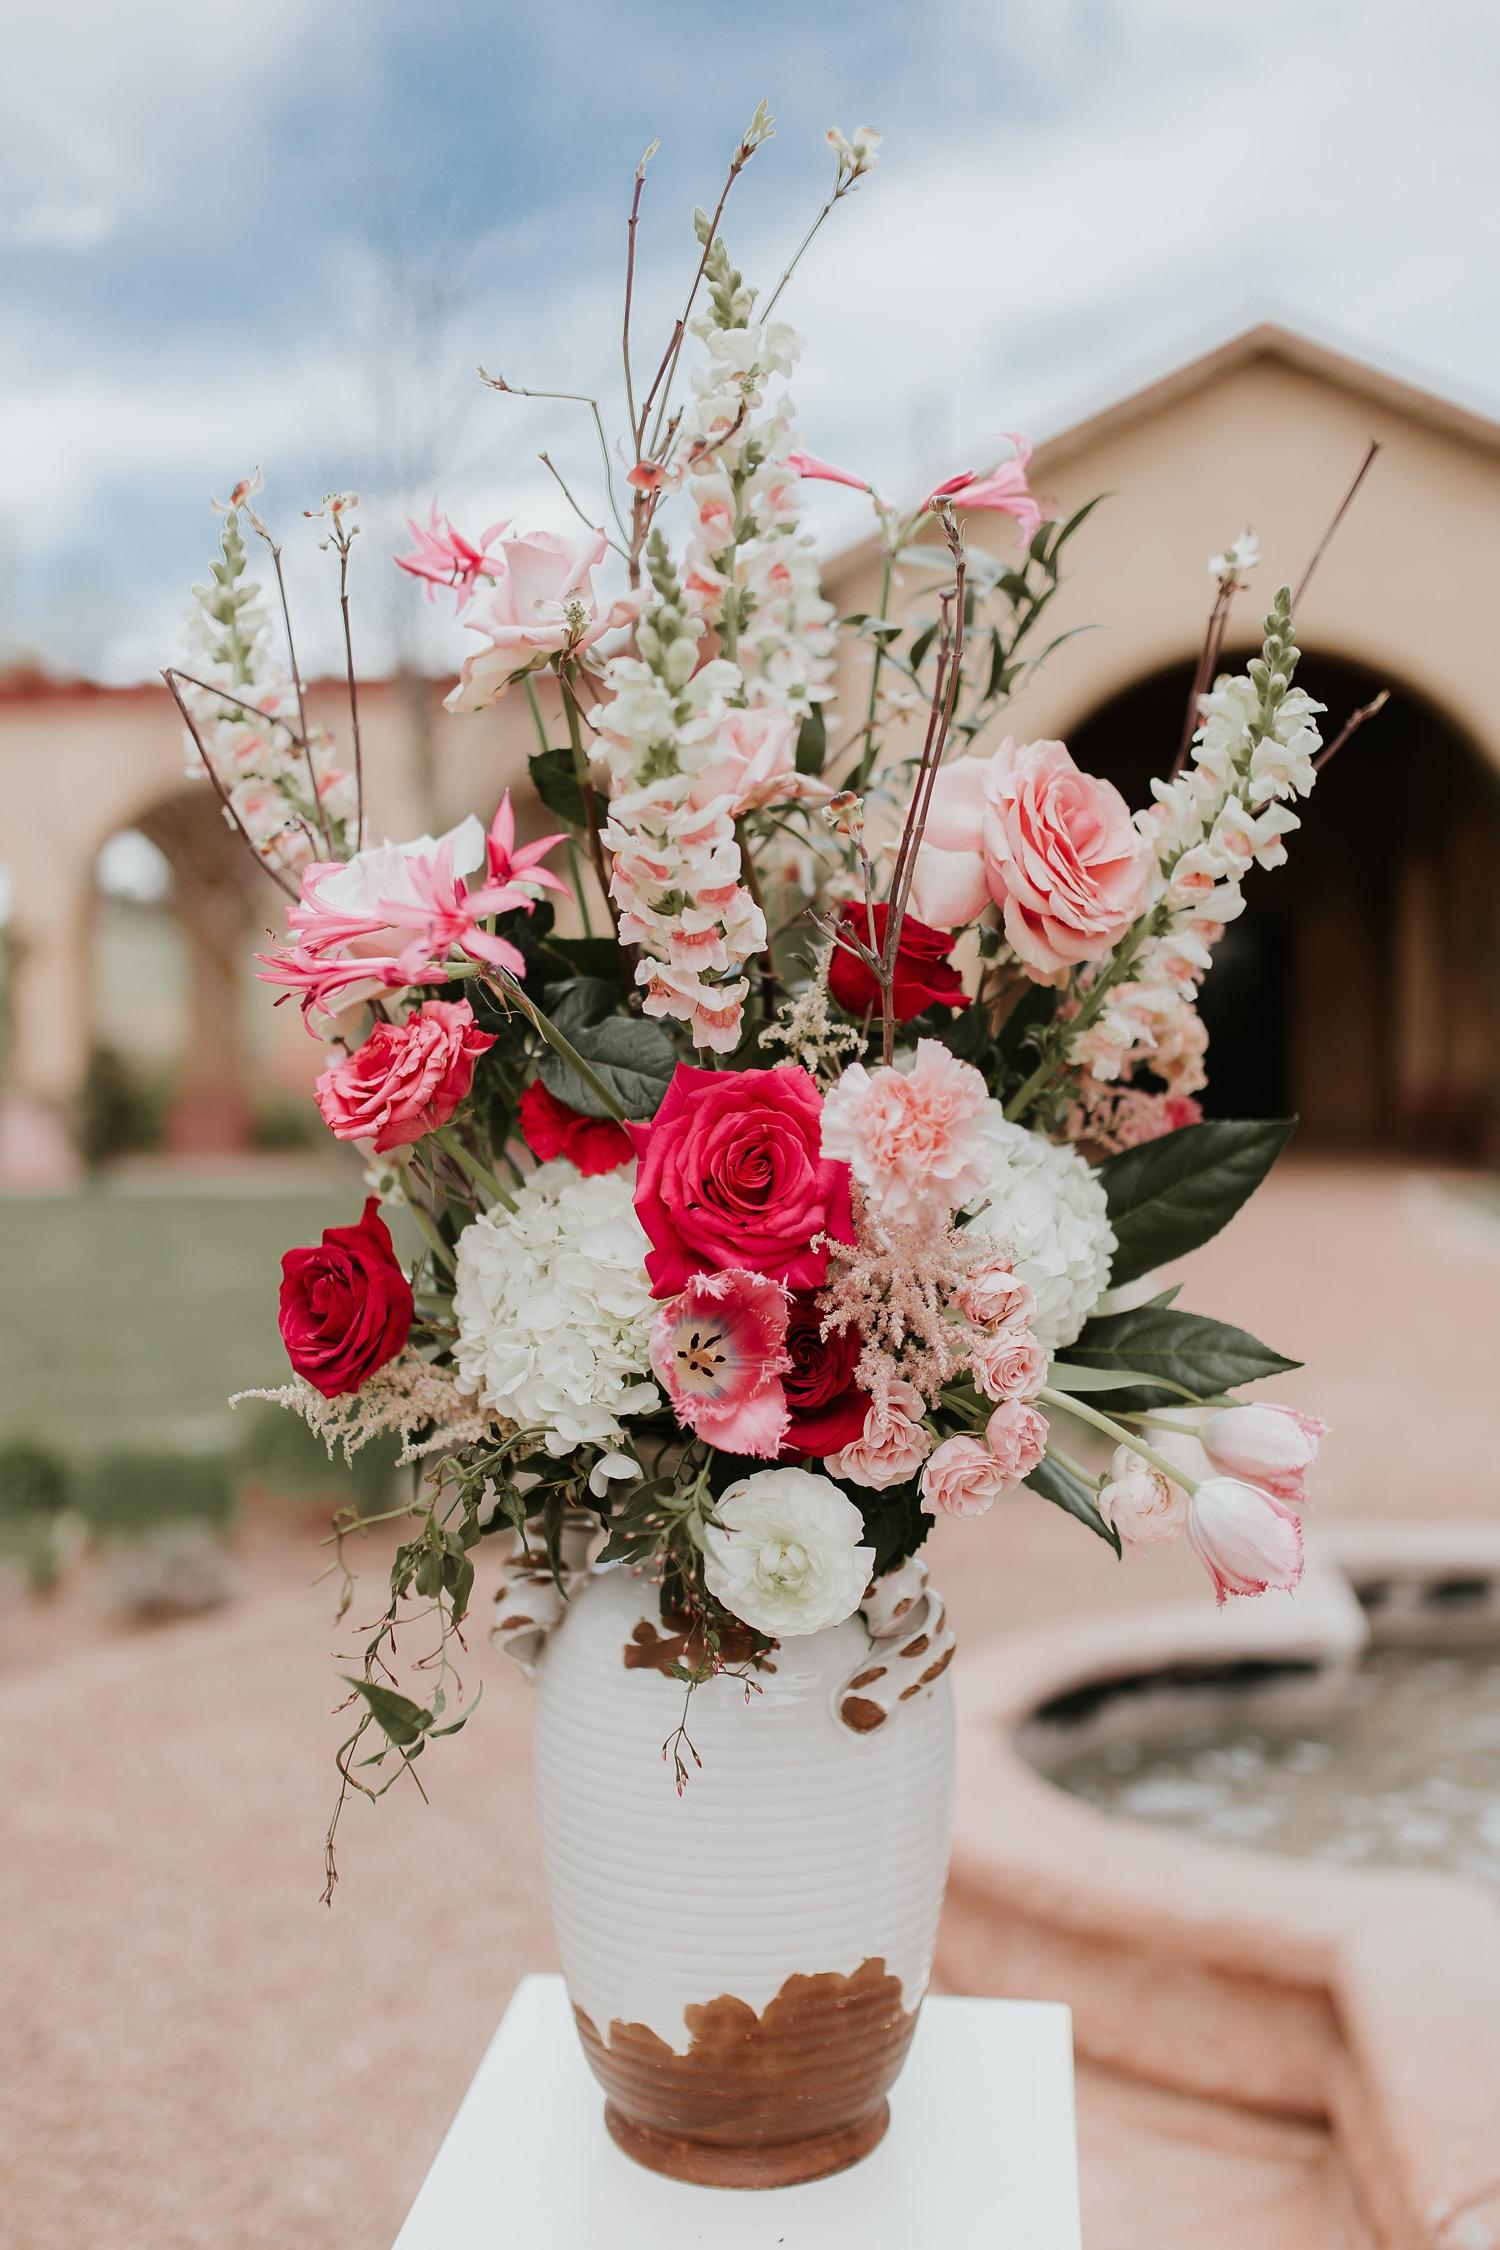 Alicia+lucia+photography+-+albuquerque+wedding+photographer+-+santa+fe+wedding+photography+-+new+mexico+wedding+photographer+-+new+mexico+engagement+-+la+mesita+ranch+wedding+-+la+mesita+ranch+spring+wedding_0028.jpg